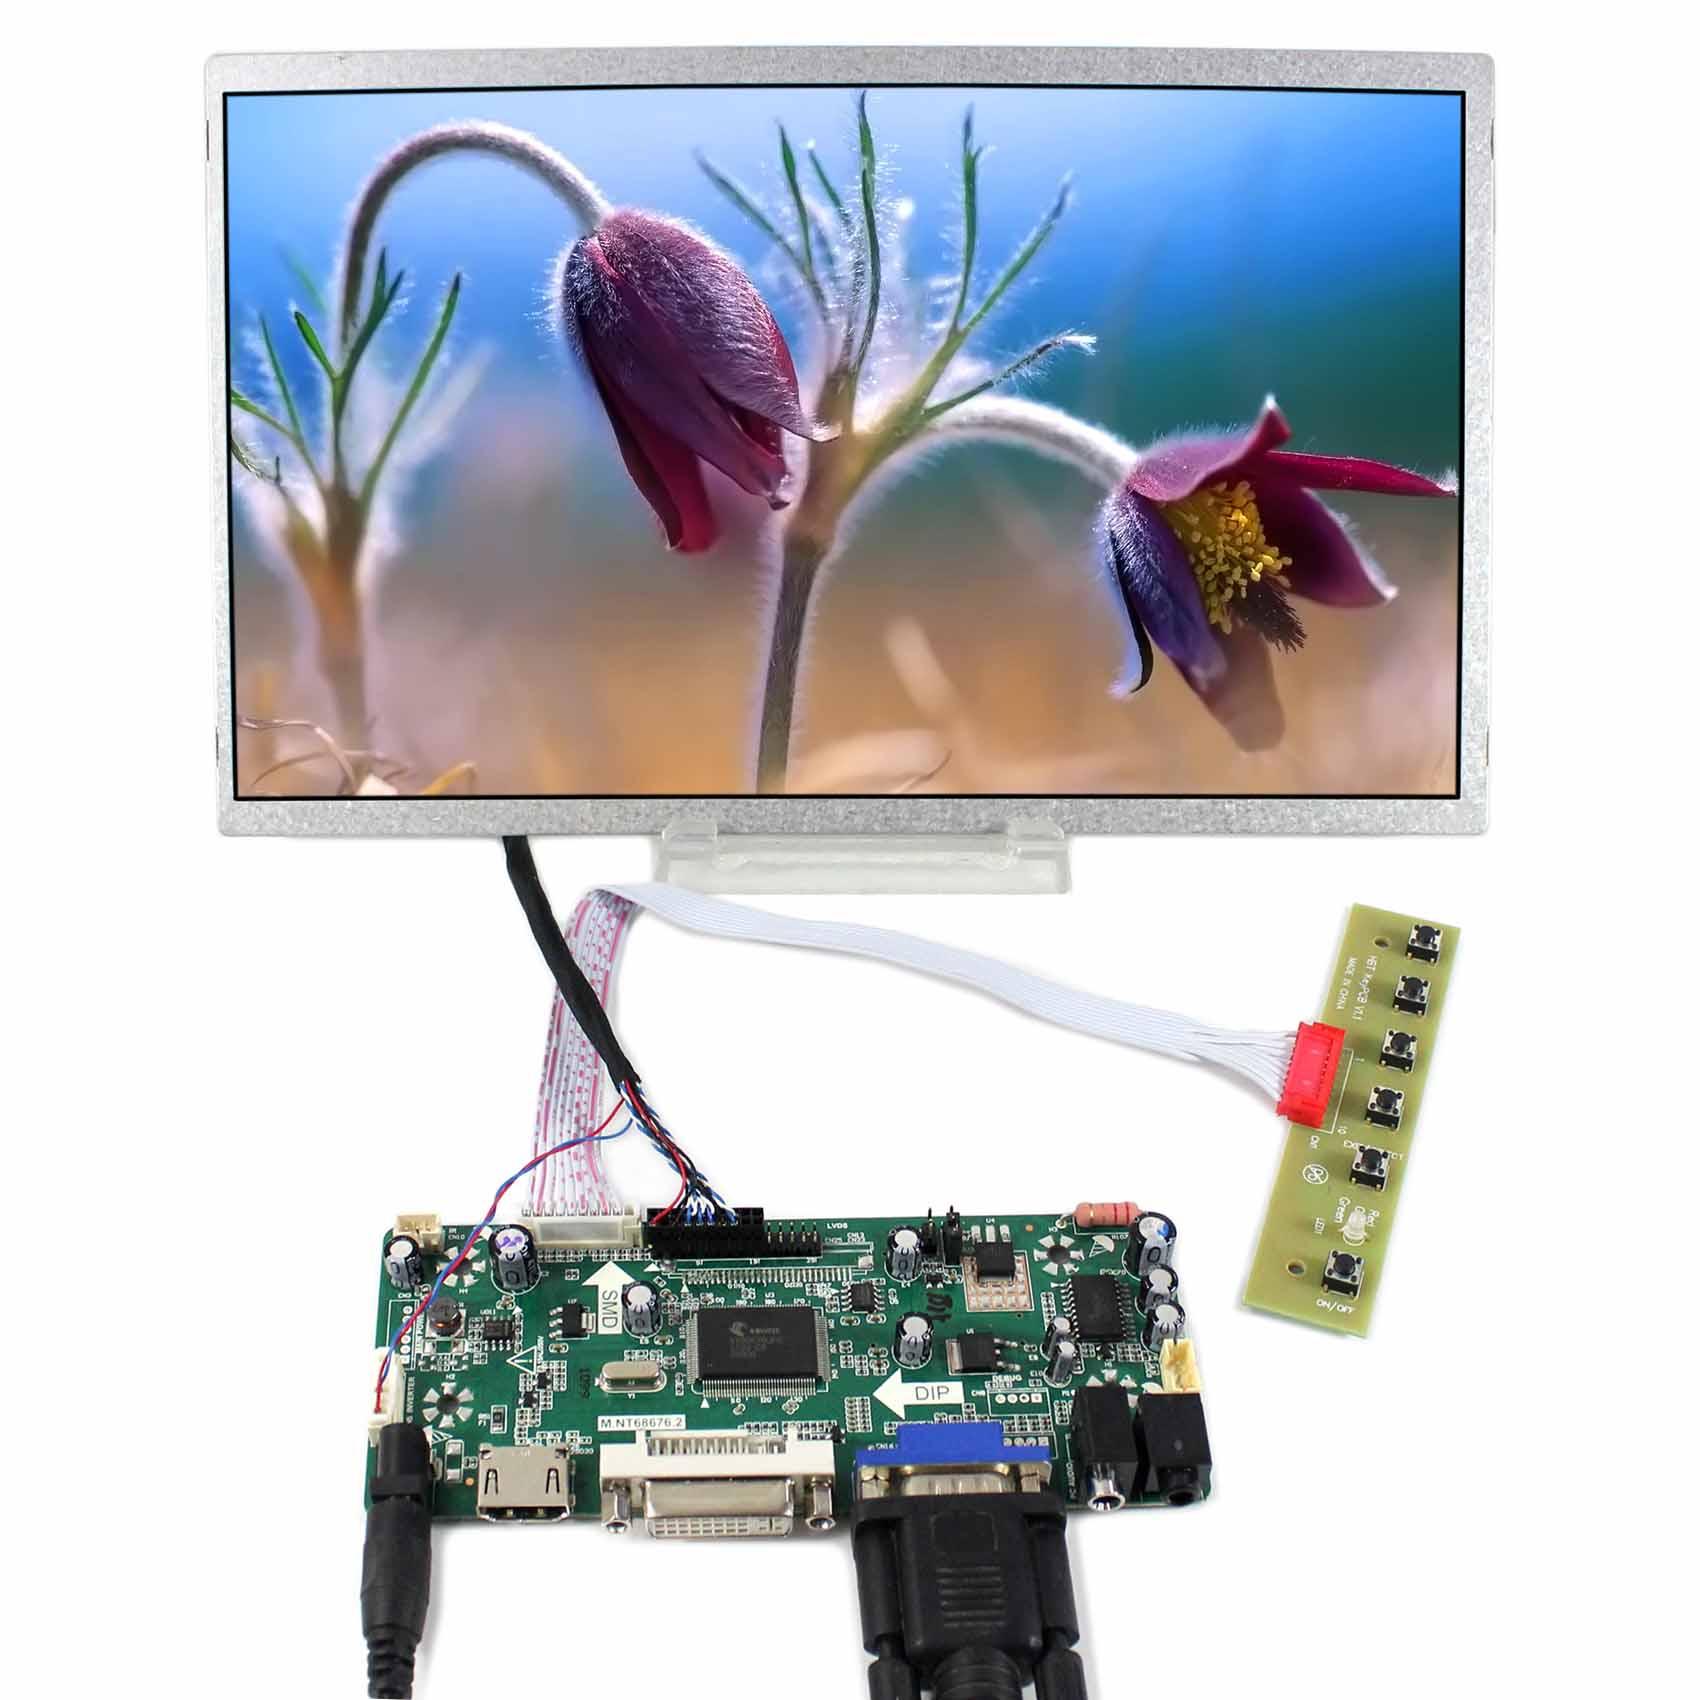 HDMI DVI VGA LCD Controller Board+11inch HSD110PHW1 1366x768 LCD Screen vga hdmi lcd controller board for lp156whu tpb1 lp156whu tpa1 lp156whu tpbh lp156whu tpd1 15 6 inch edp 30 pins 1 lane 1366x768